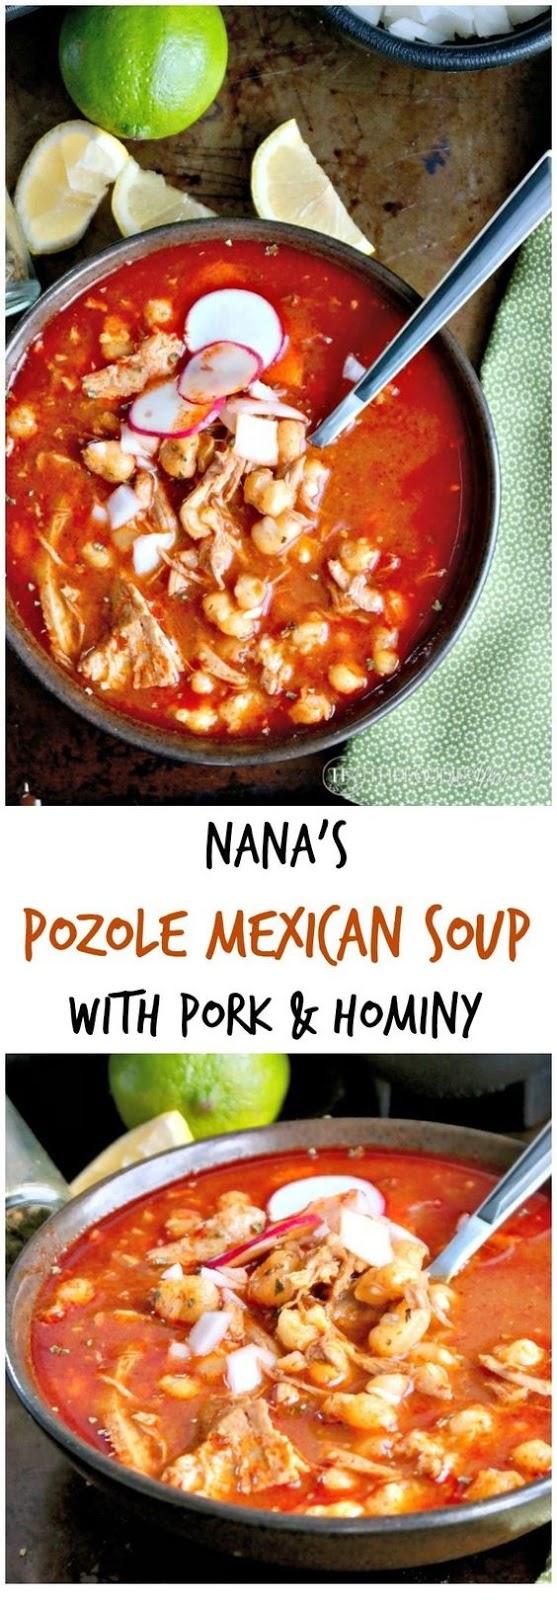 Nana's Pozole Mexican Soup